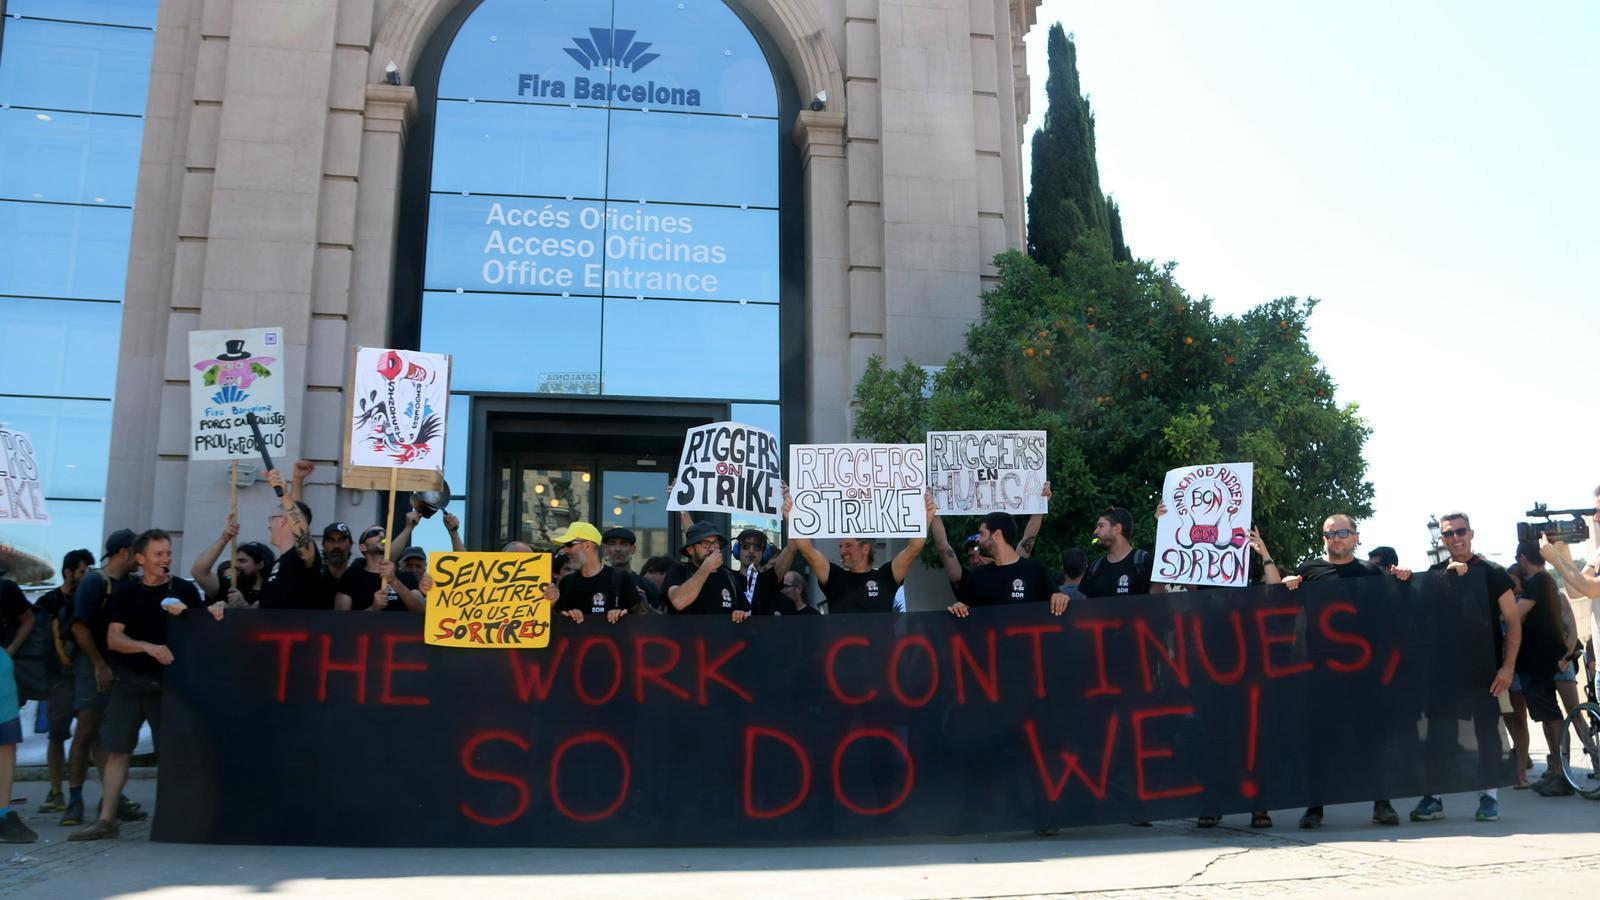 Fira de Barcelona contracta una altra empresa per substituir els muntadors dels elements aeris del Sónar en vaga